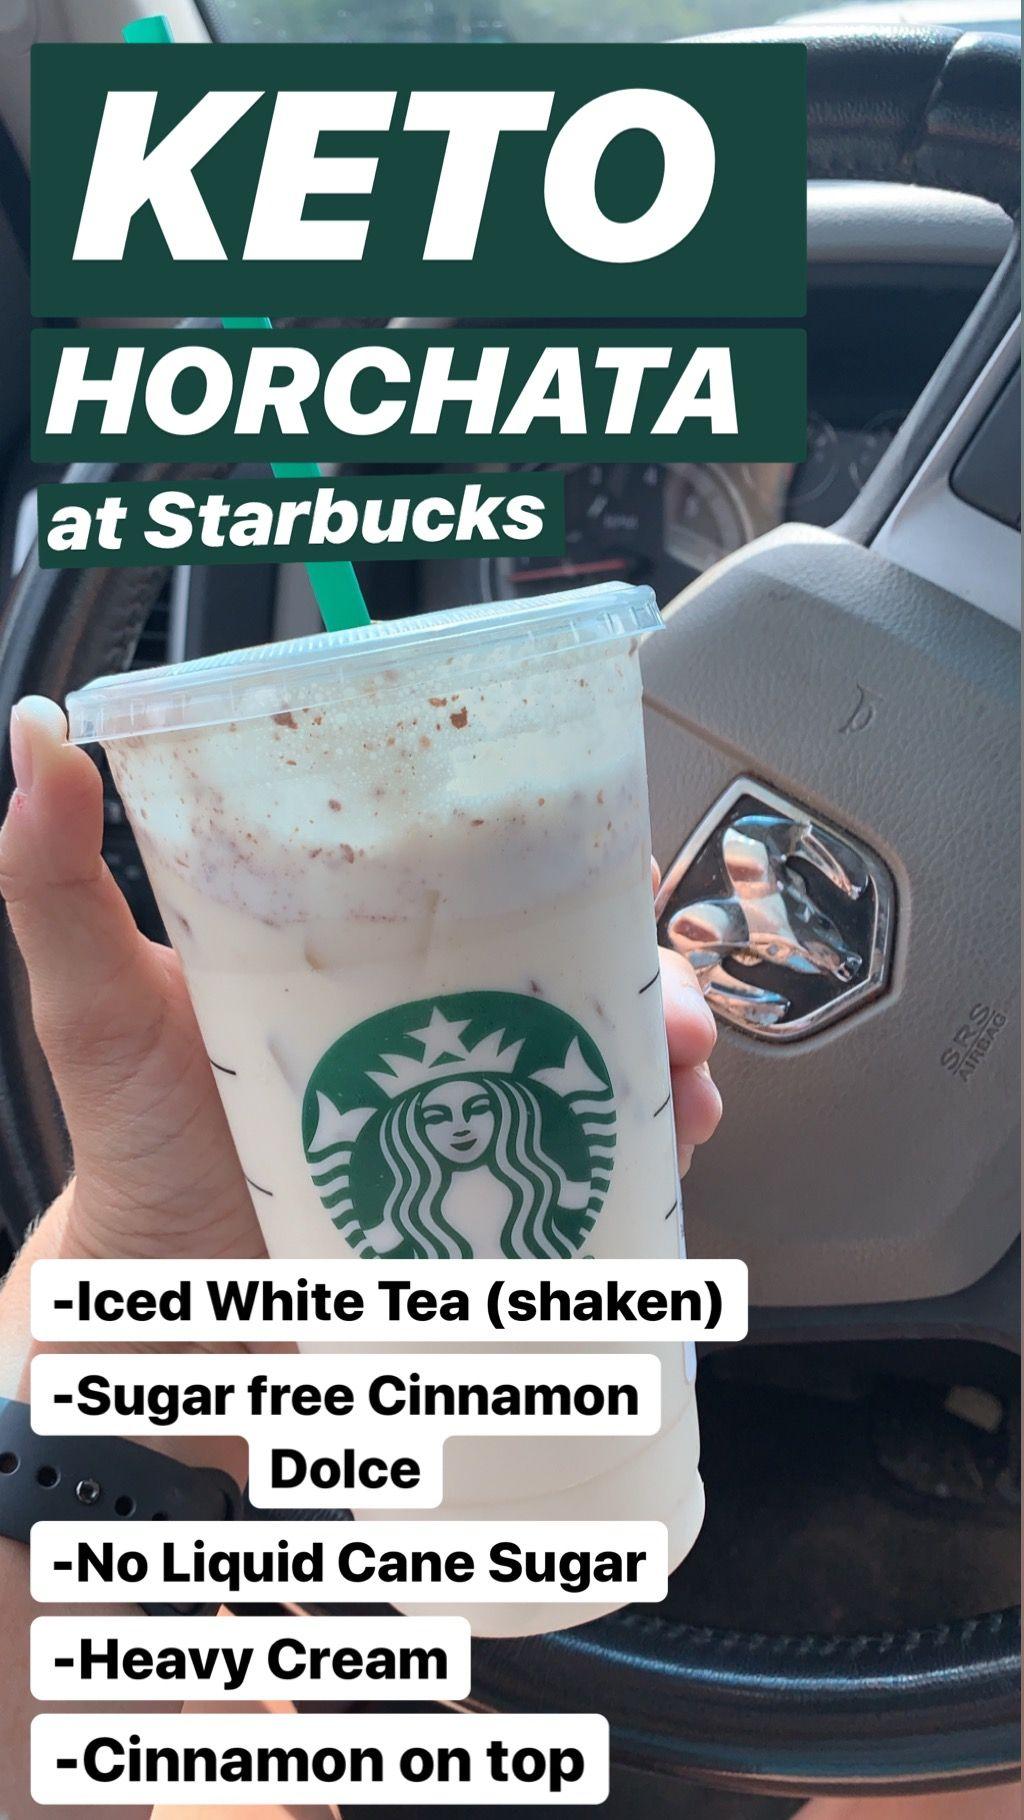 Keto Starbucks Horchata